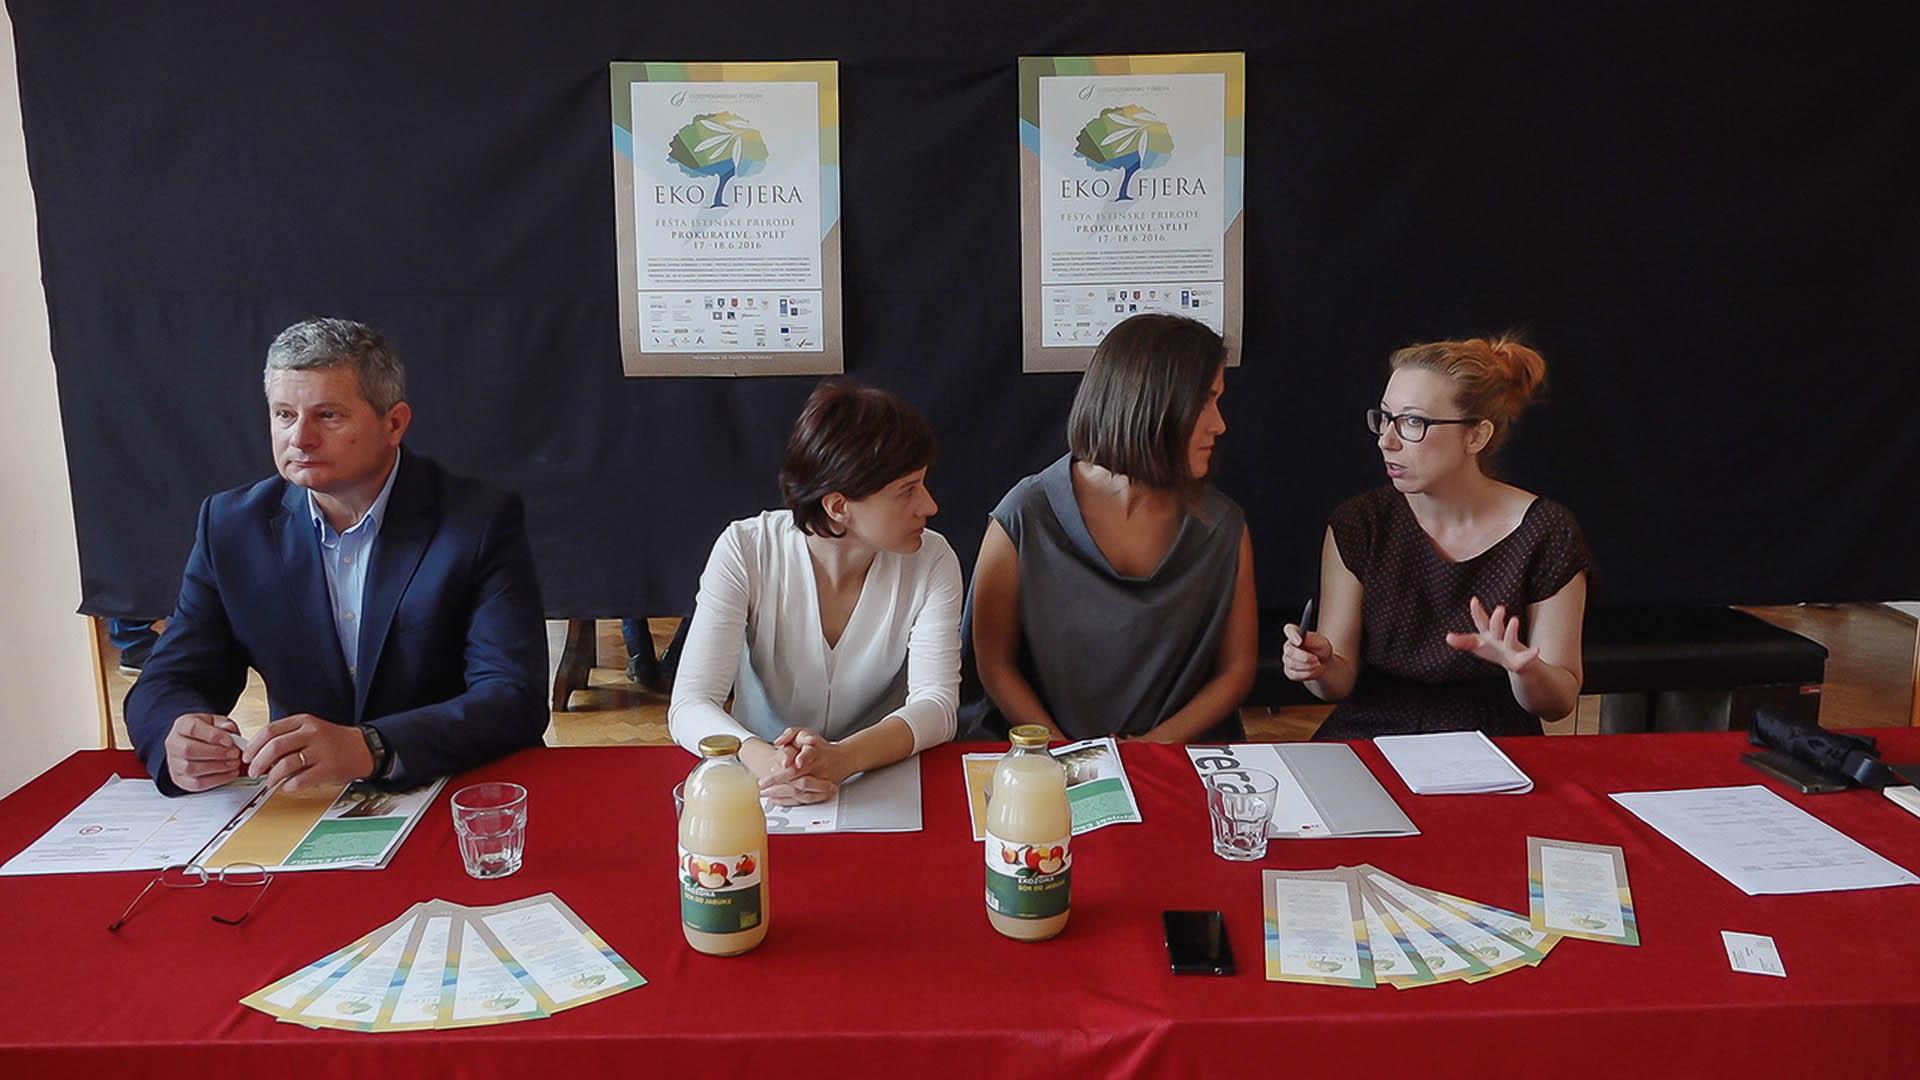 Konferencija za medije povodom sajma EkoFjera 2017.